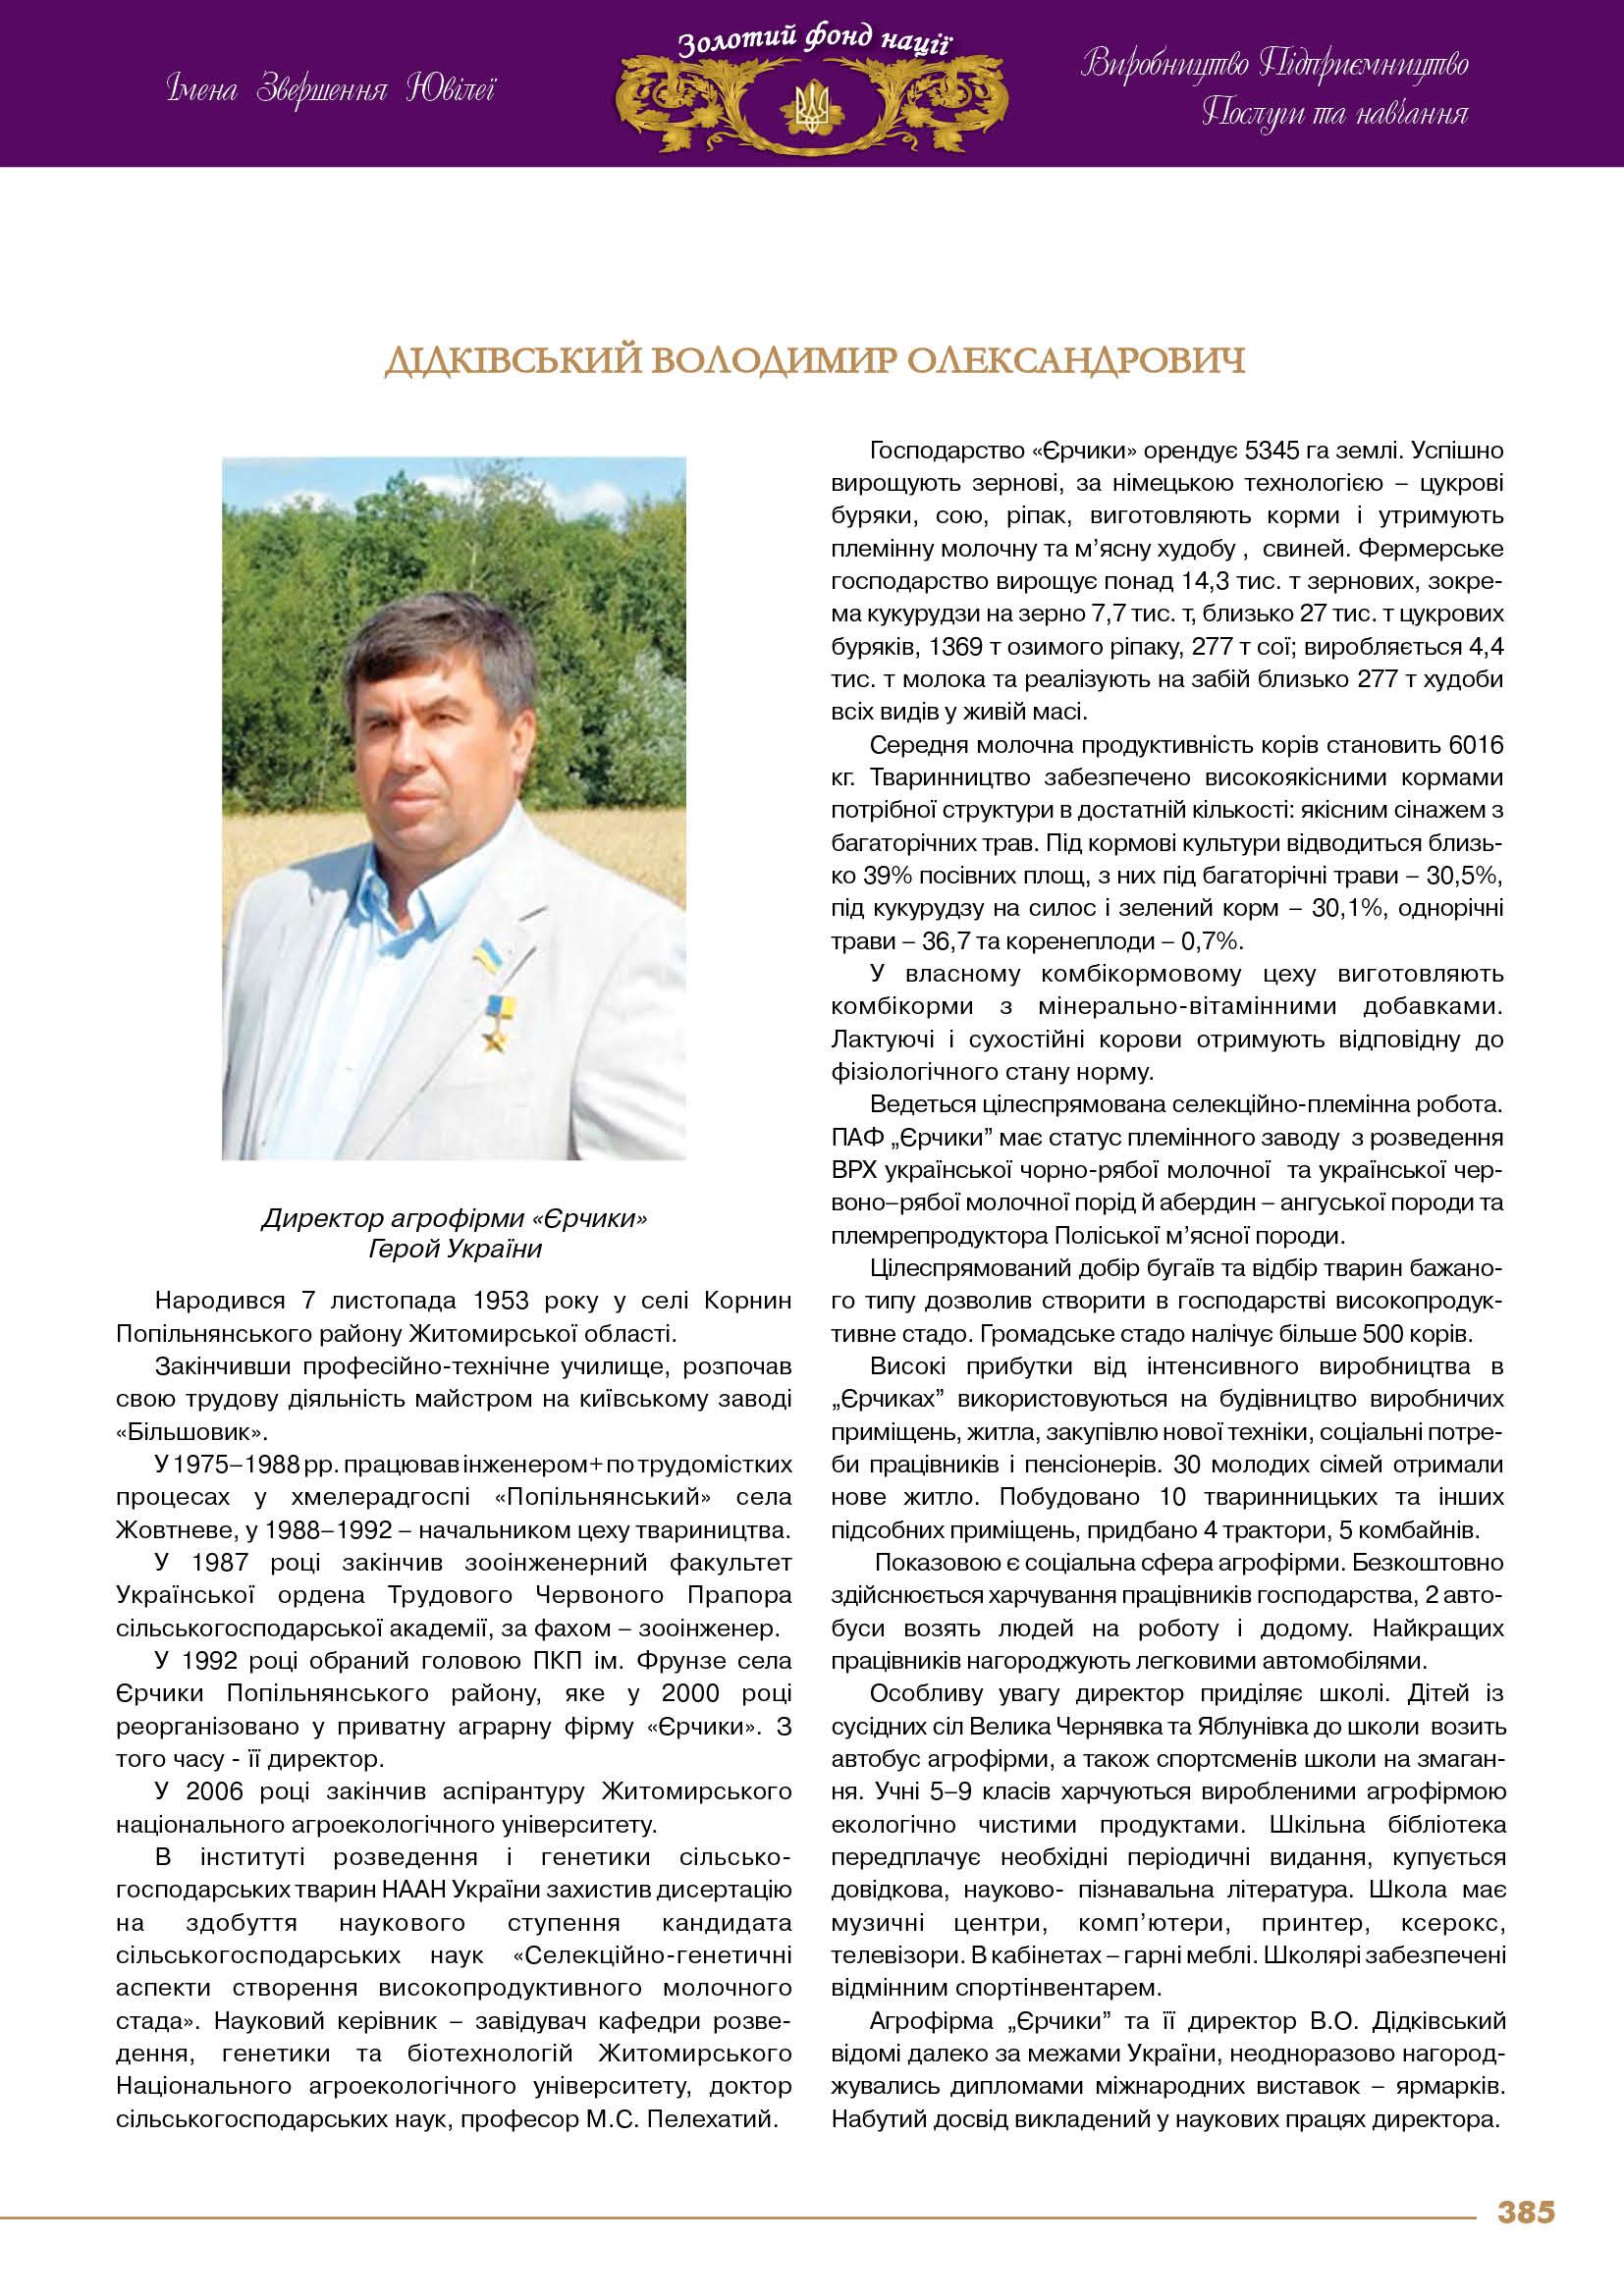 Дідківський Володимир Олександрович